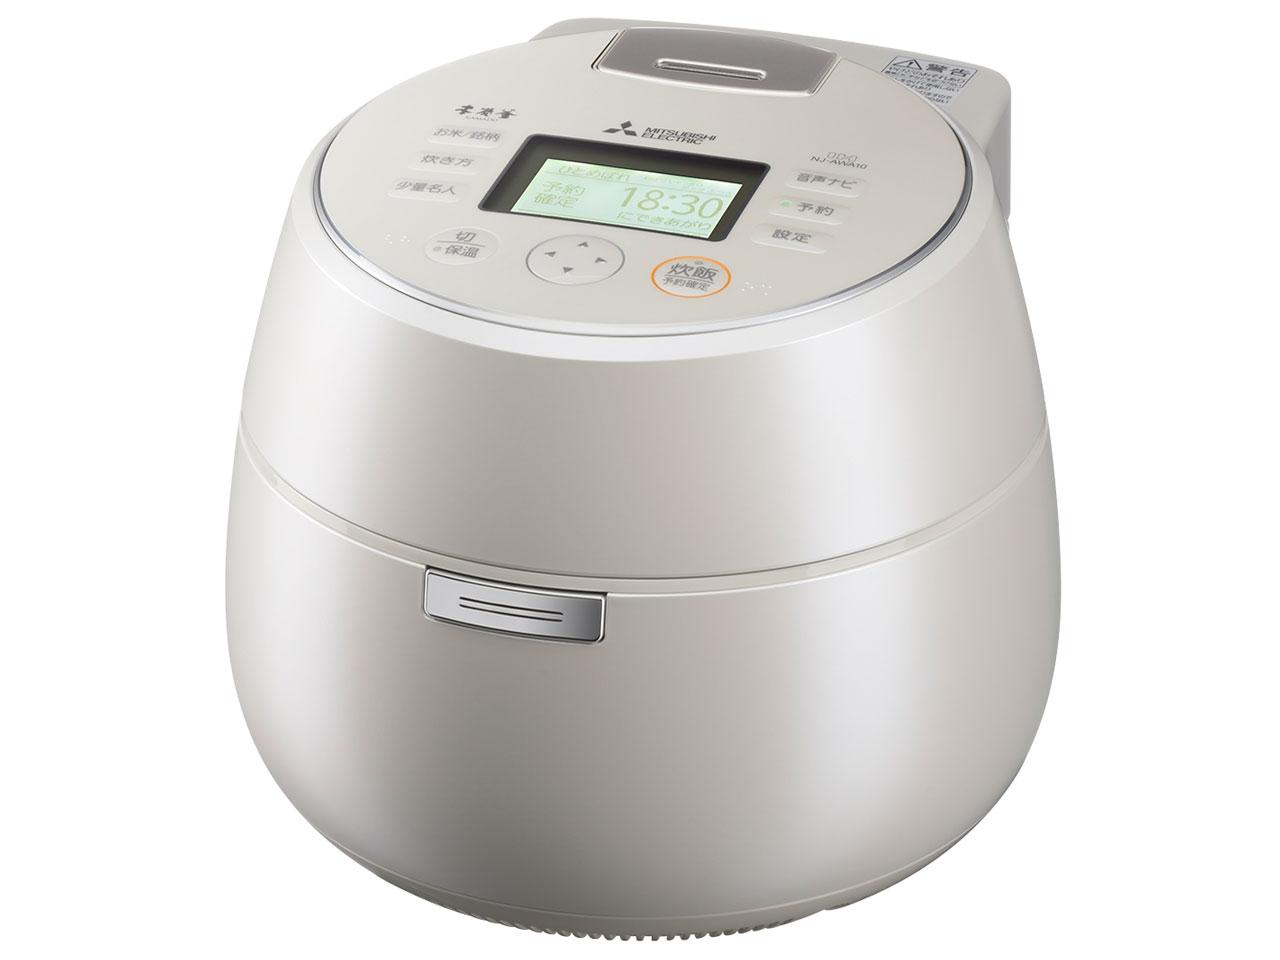 三菱電機 本炭釜 5.5合炊き IHジャー炊飯器 NJ-AWA10-W